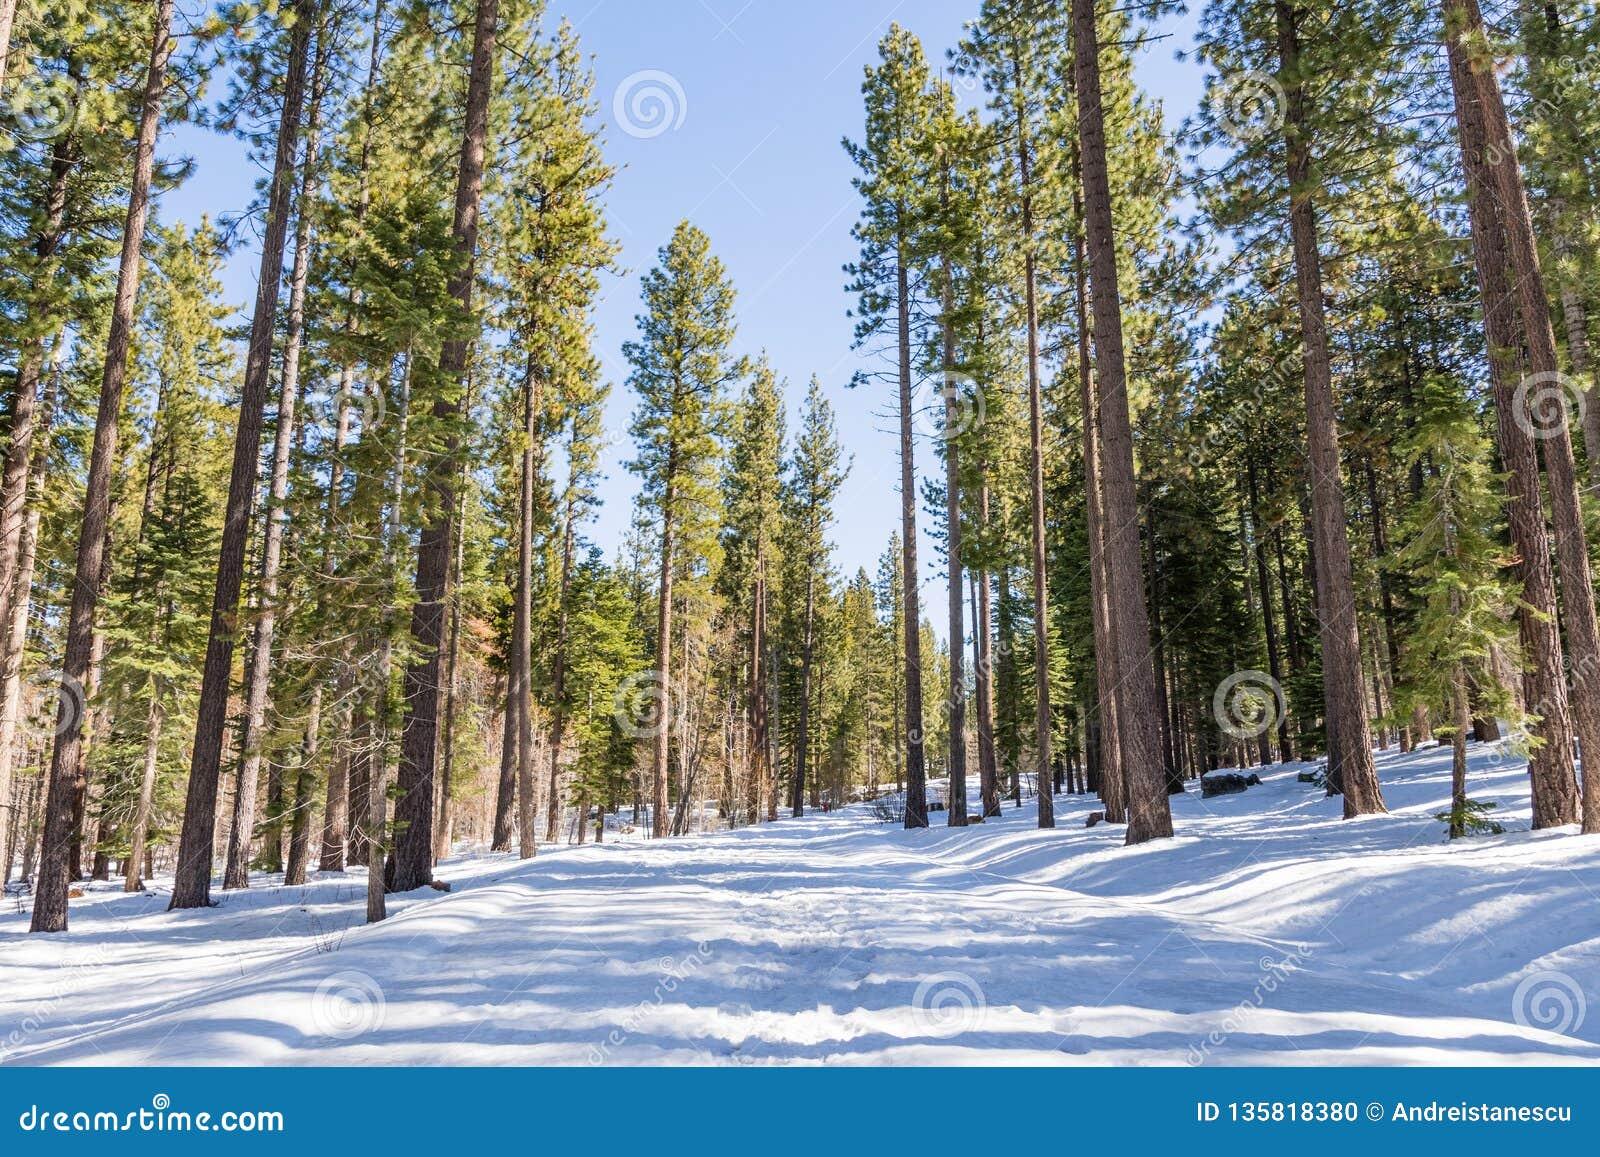 Durch einen immergrünen Wald an einem sonnigen Wintertag gehen, wenn der Schnee den Weg bedeckt, Van Sickle Bi-State Park; Süden